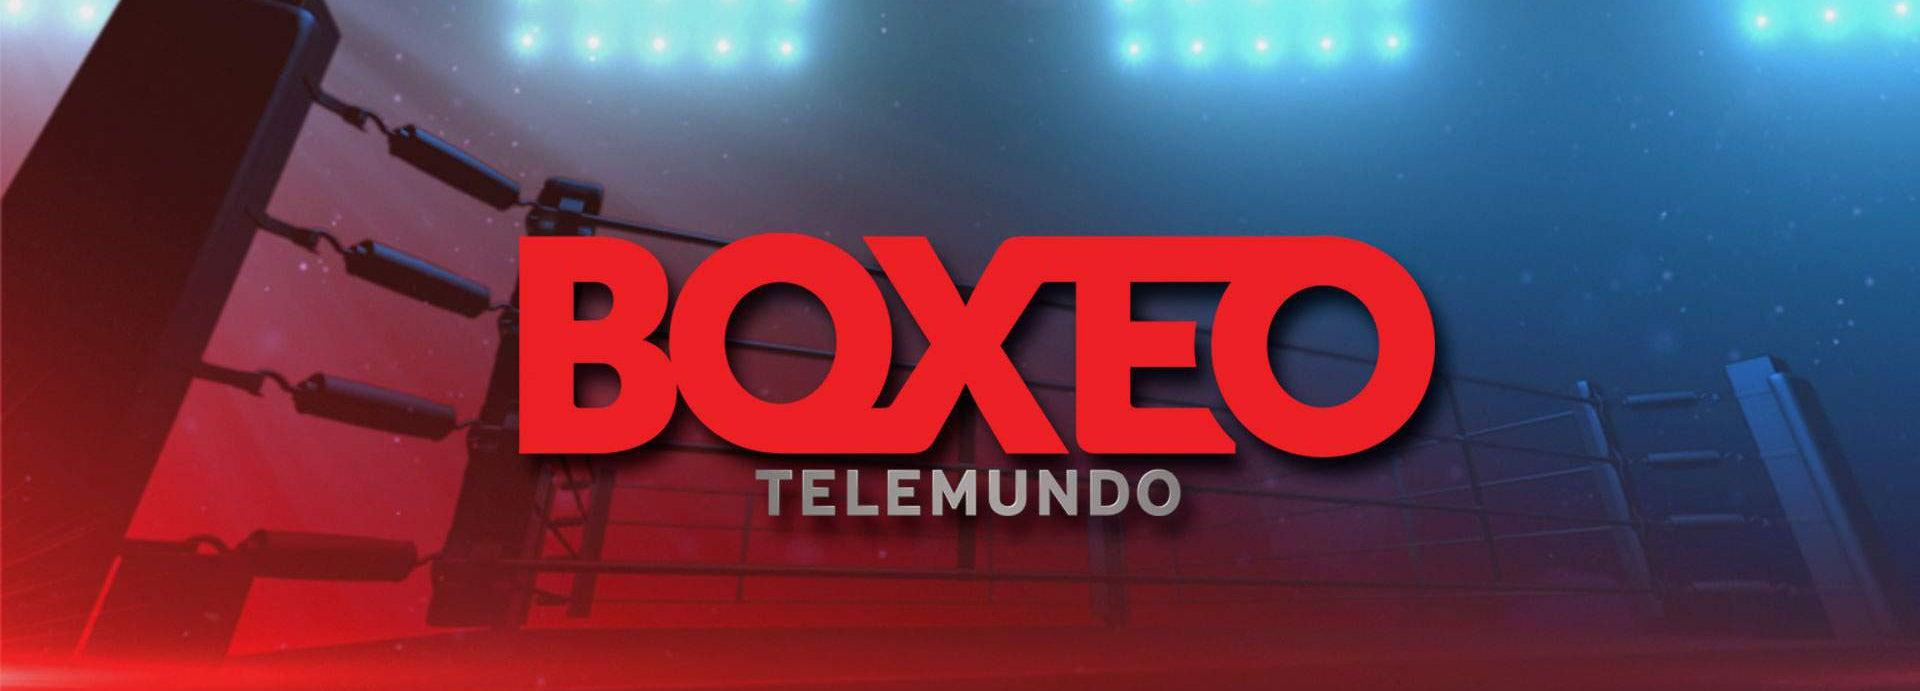 BoxeoTHeader.jpg